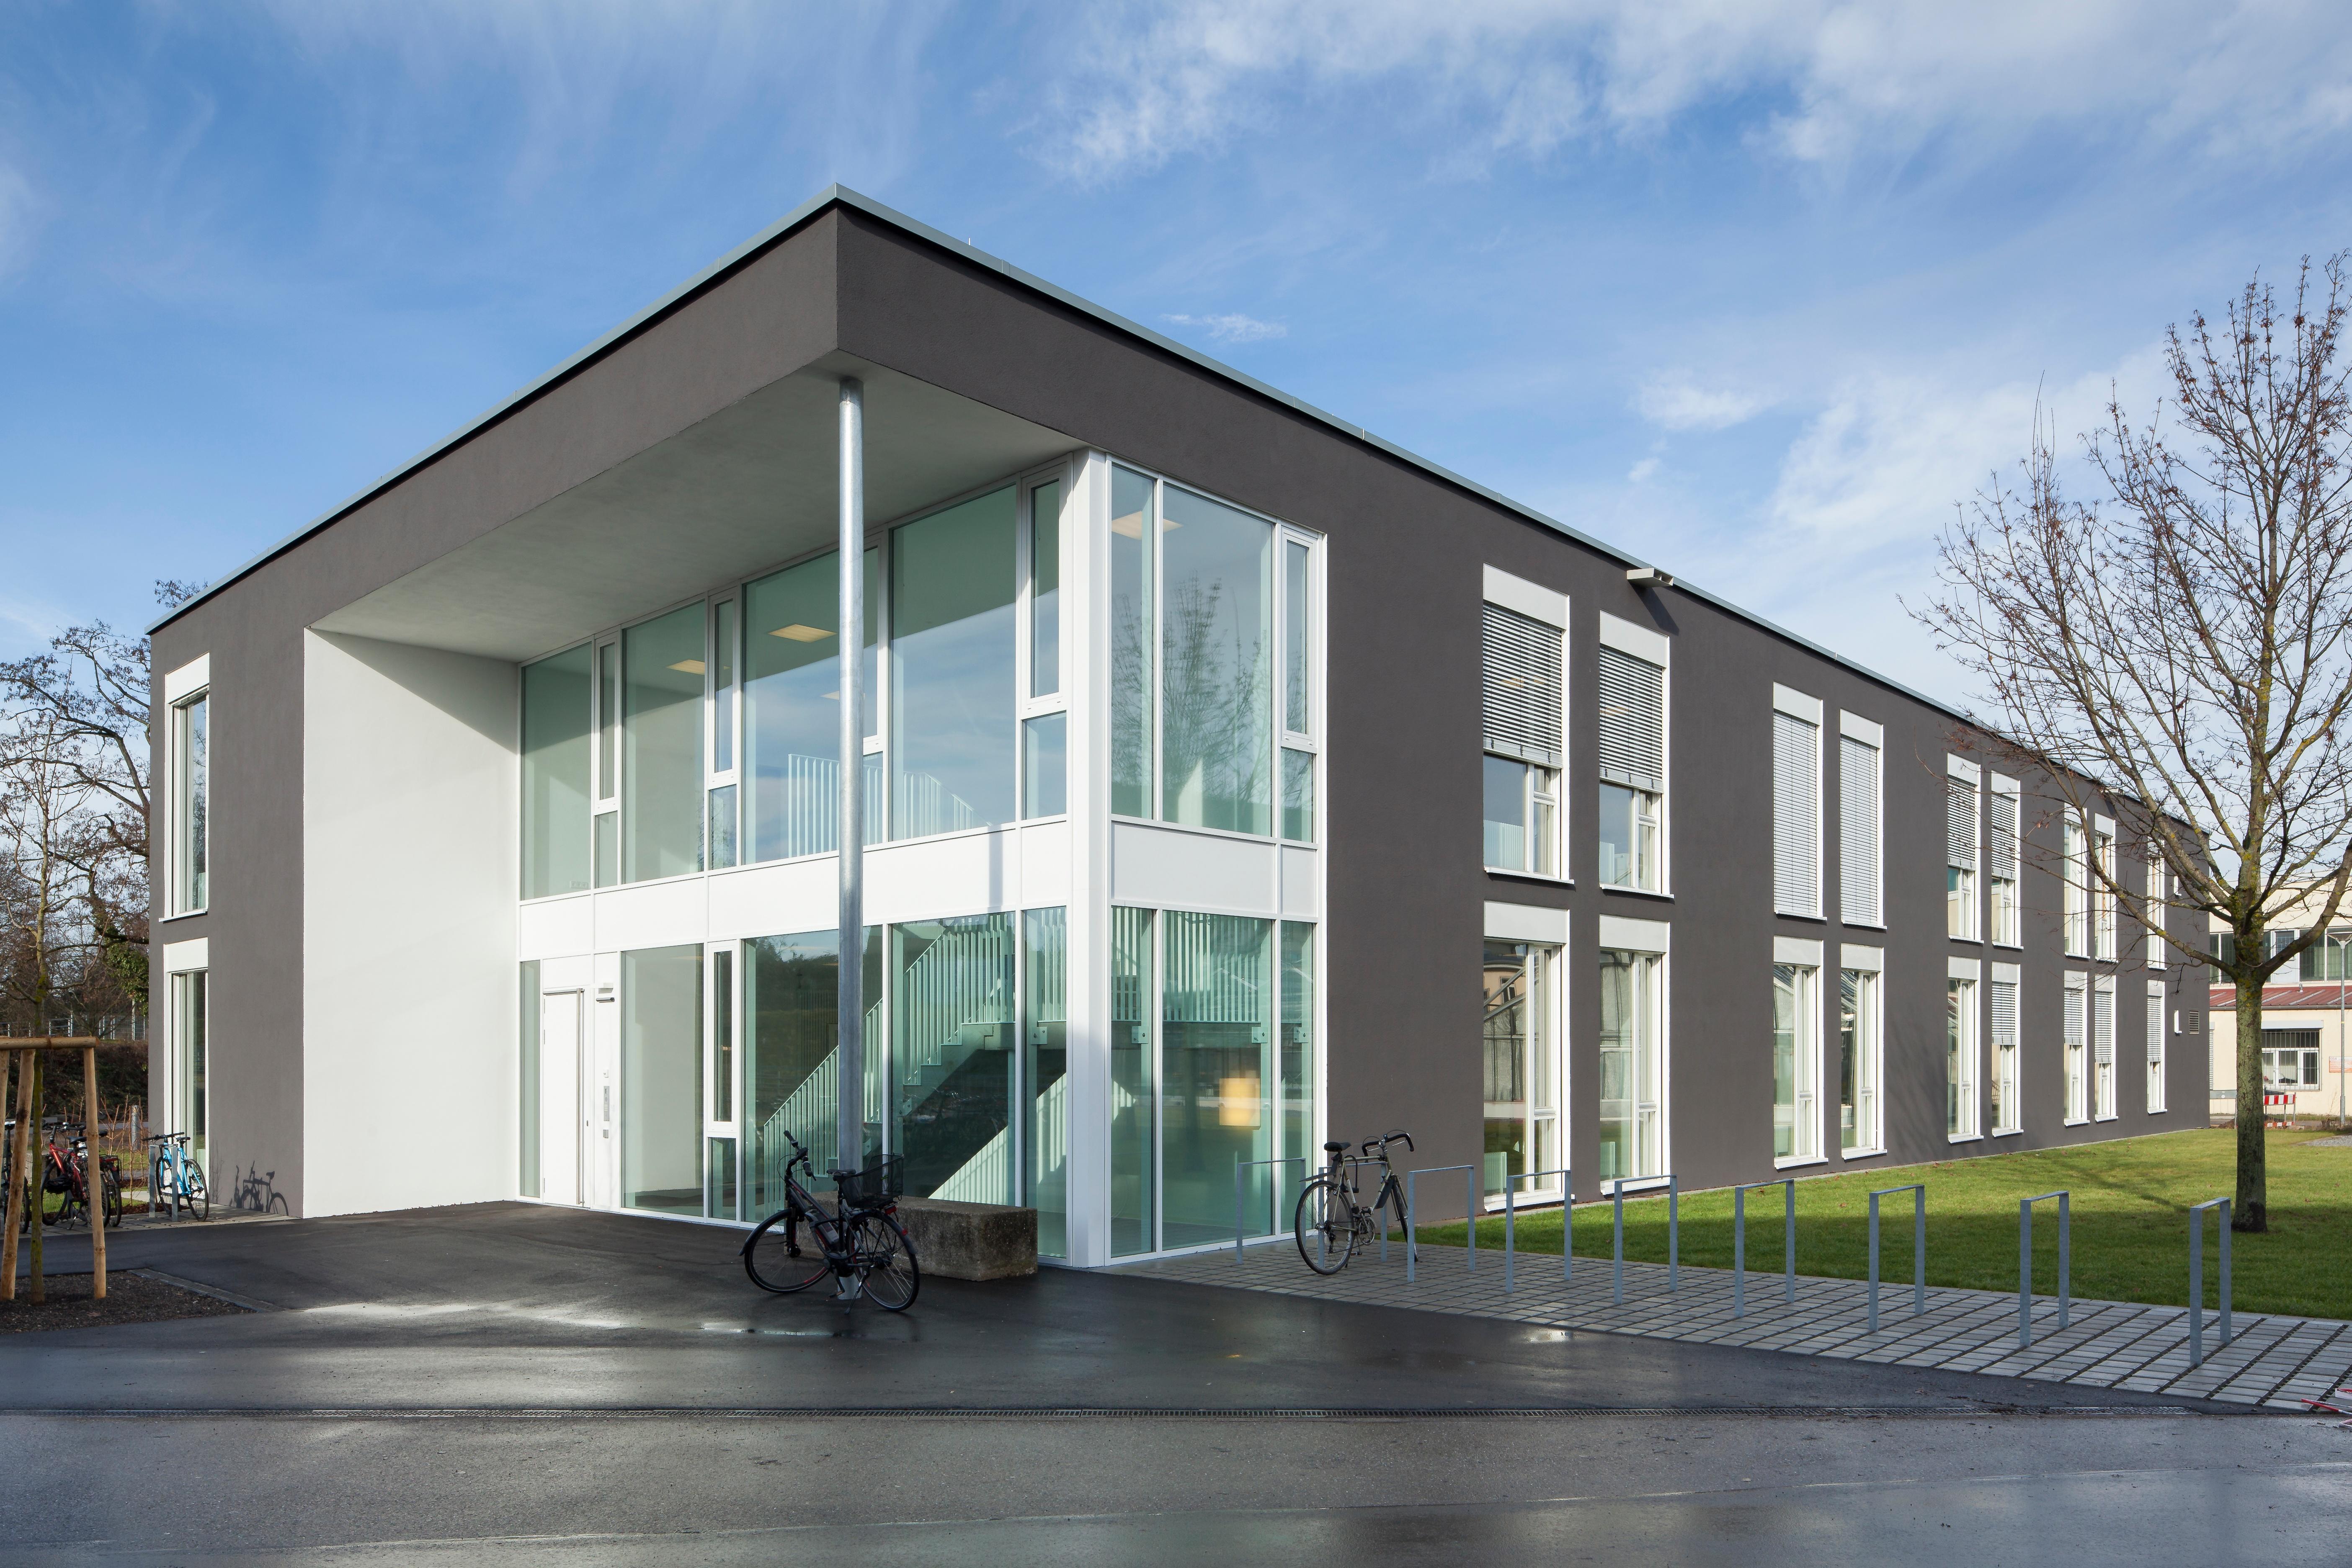 TF_Eroeffnung_Integrated_Robotics_Center_(Ingeborg_Lehmann).jpg